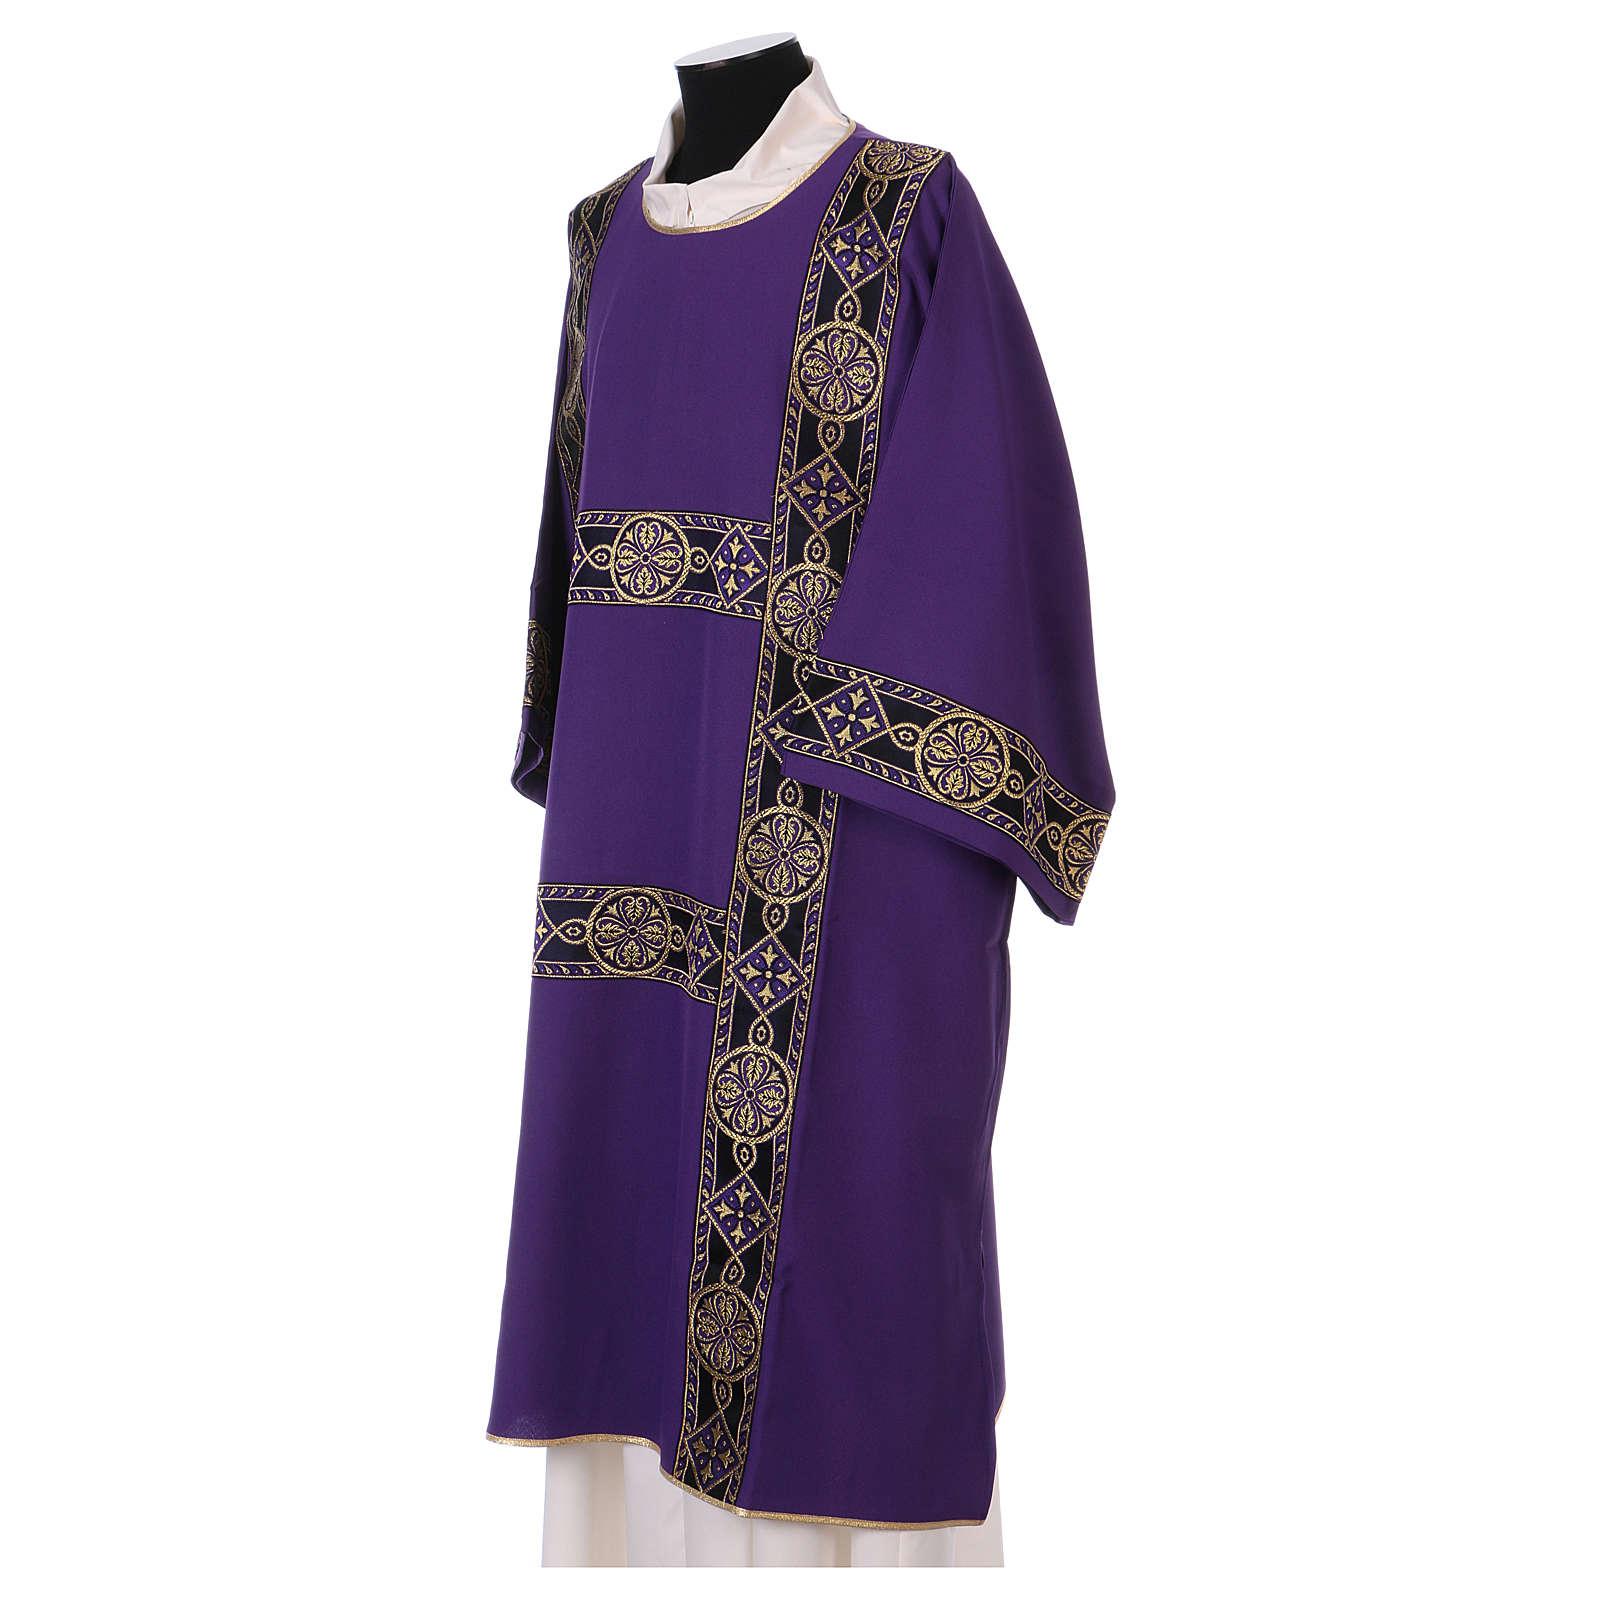 Dalmatica gallone applicato solo davanti tessuto Vatican 100% poliestere 4